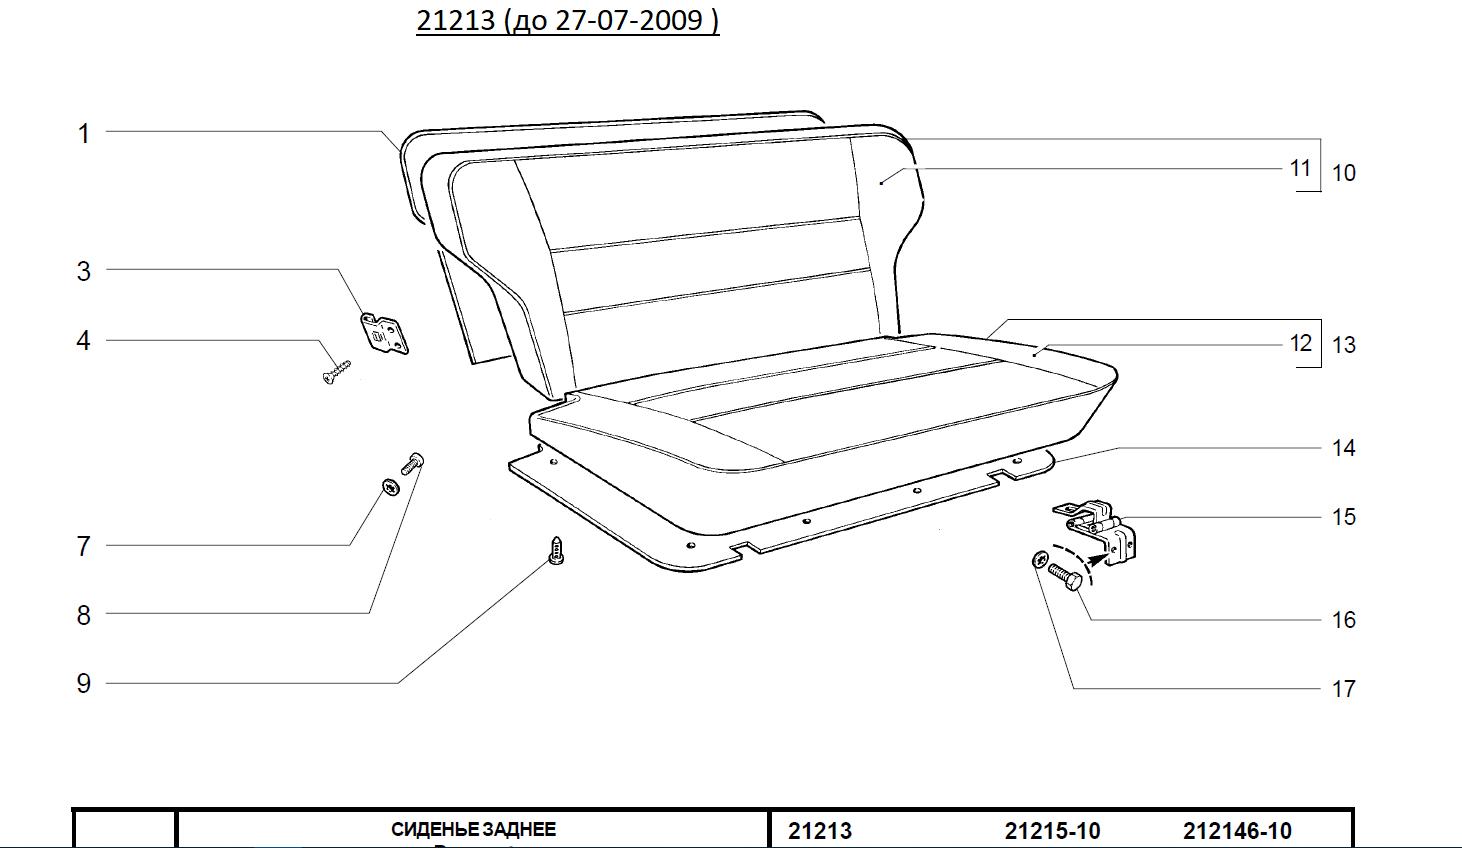 Сиденья задние 21213/21214М/Urban (комплект: спинка и подушка) (трехдверная Нива)